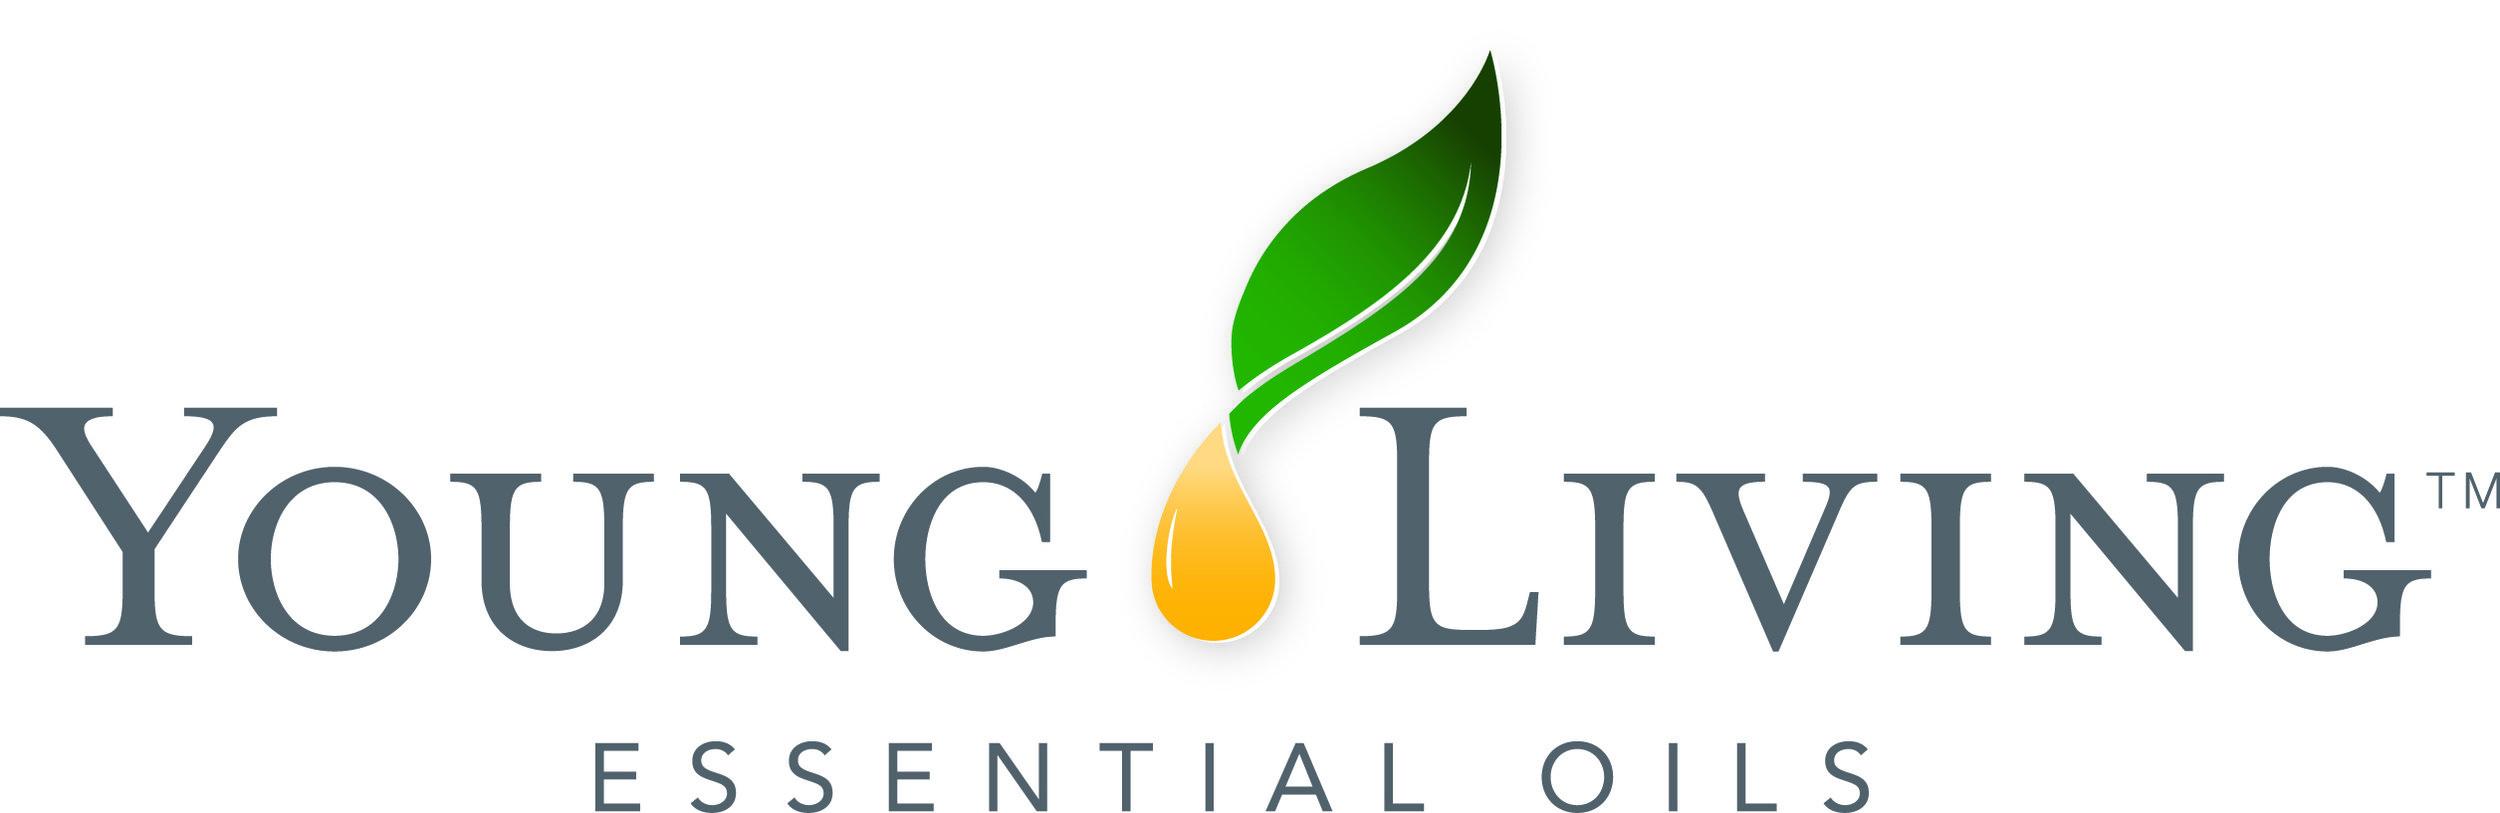 YL_2014_logo_fullcolor.jpg